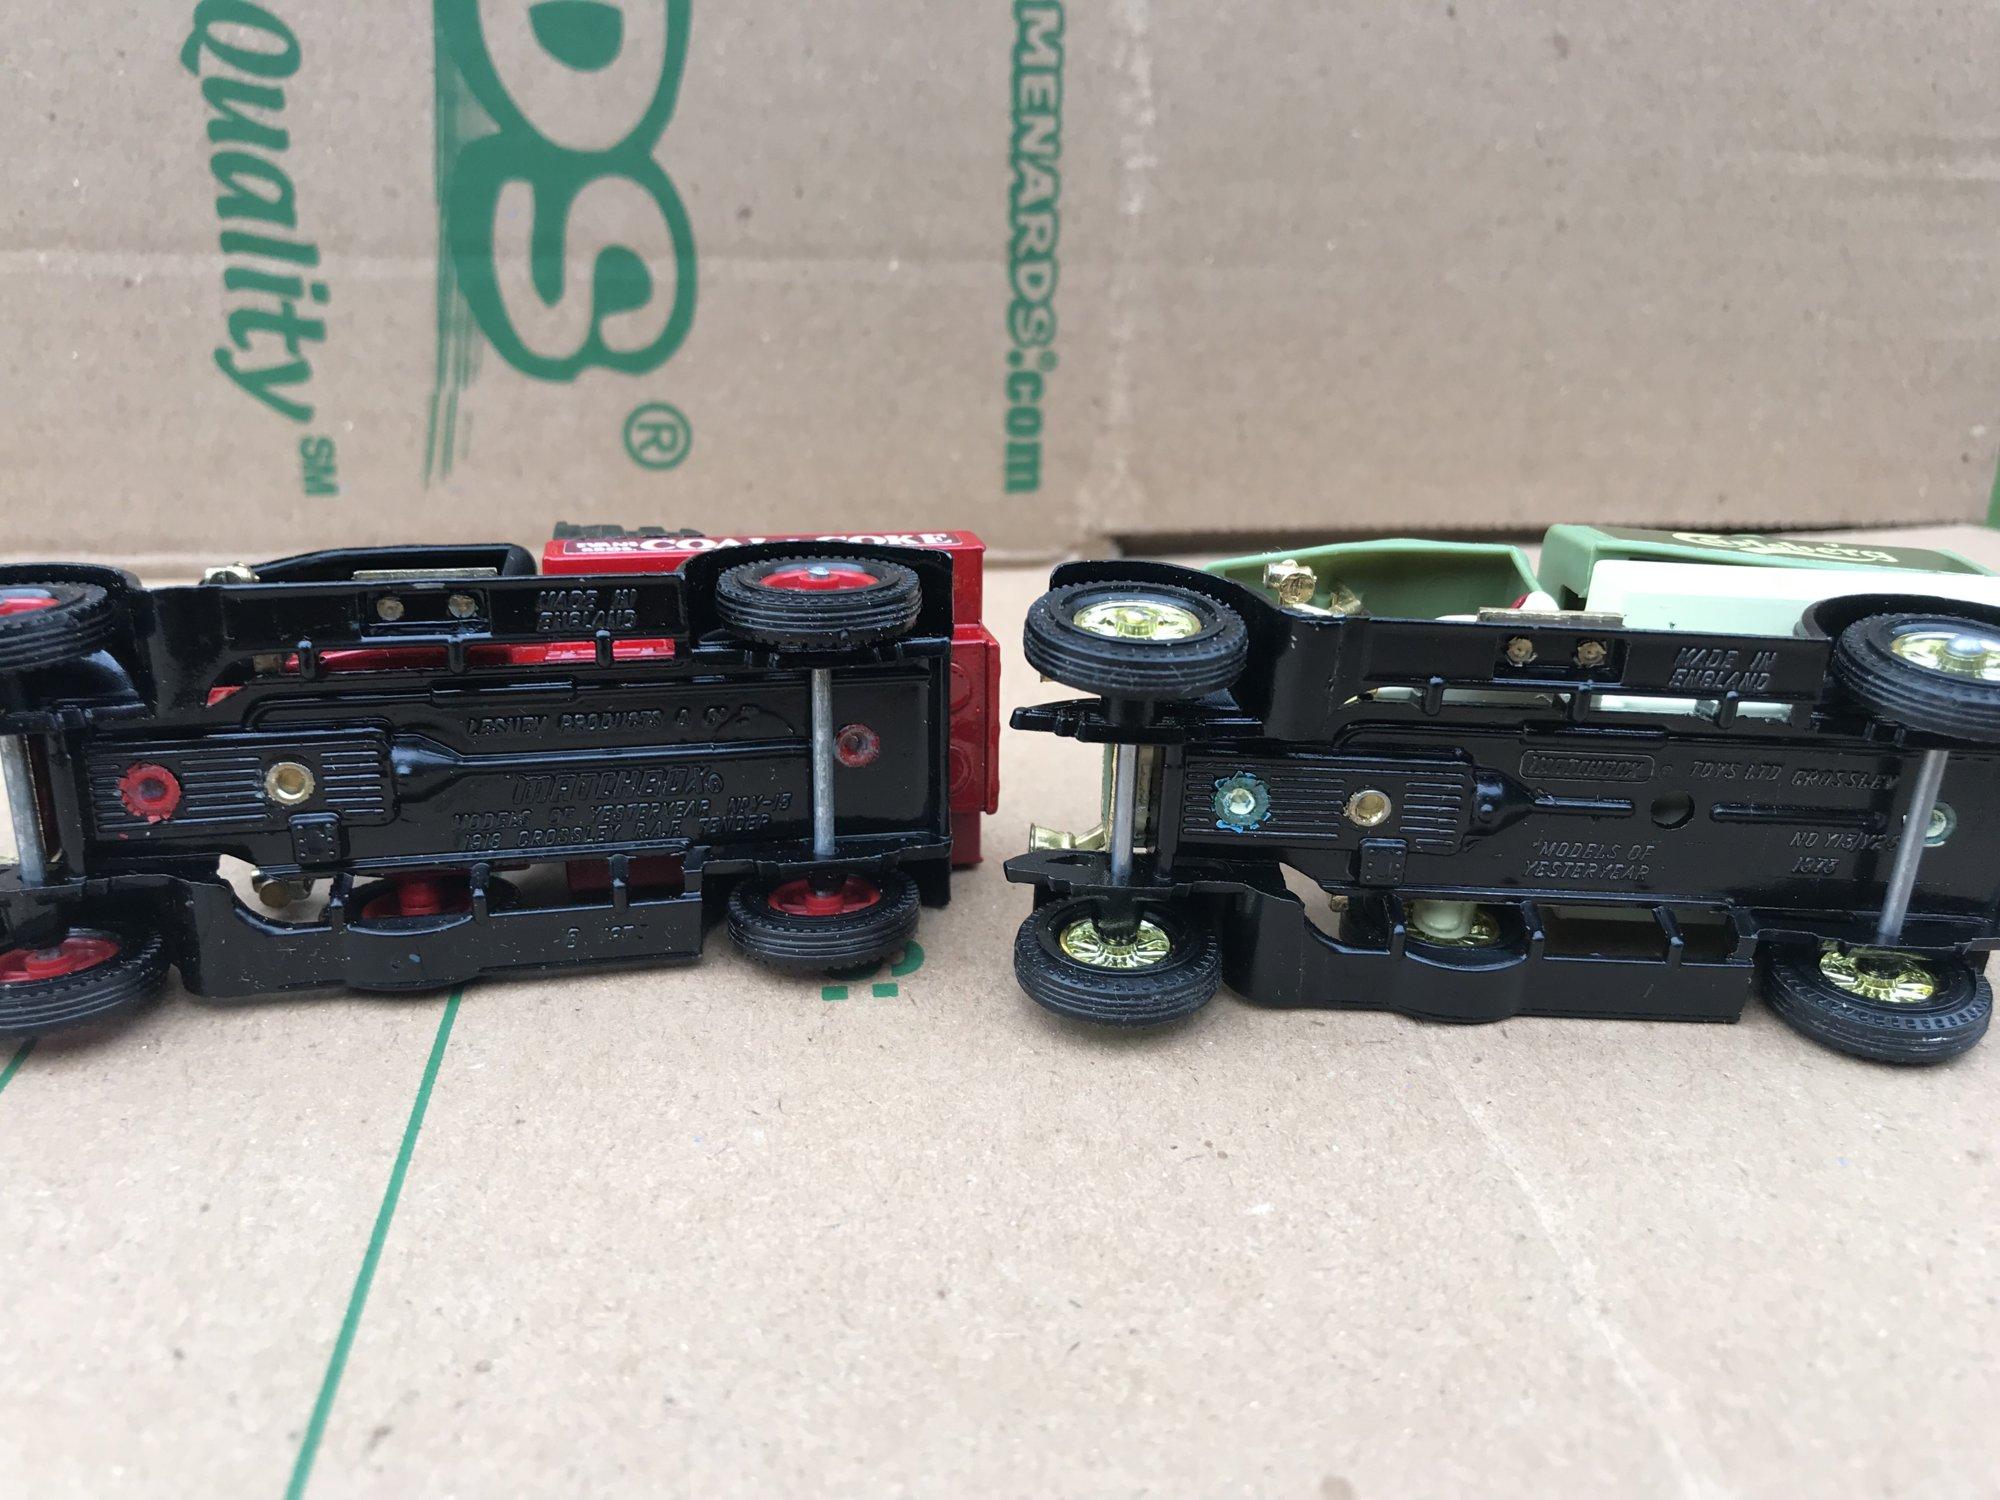 1B0DCEC3-2433-4FD0-9989-B6CF3F3A73A3.jpeg